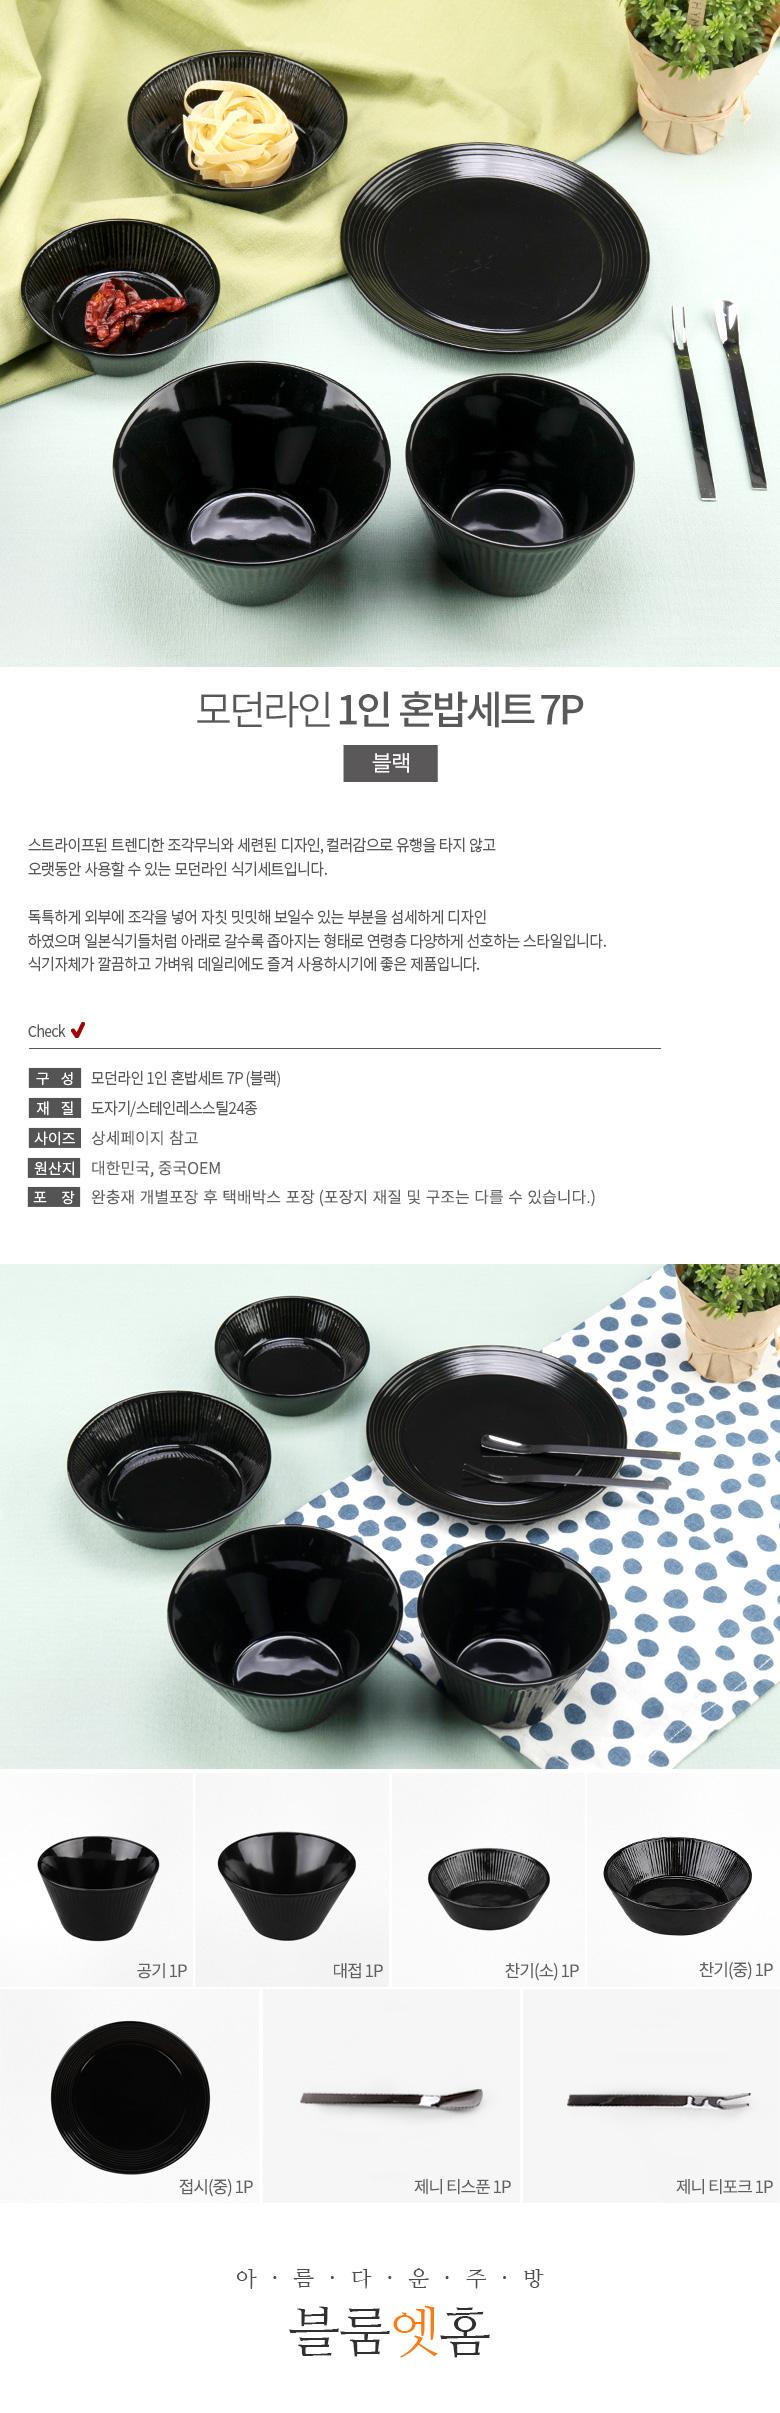 모던라인 1인 혼밥세트 7P (블랙) - 블룸엣홈, 28,500원, 식기홈세트, 1인세트